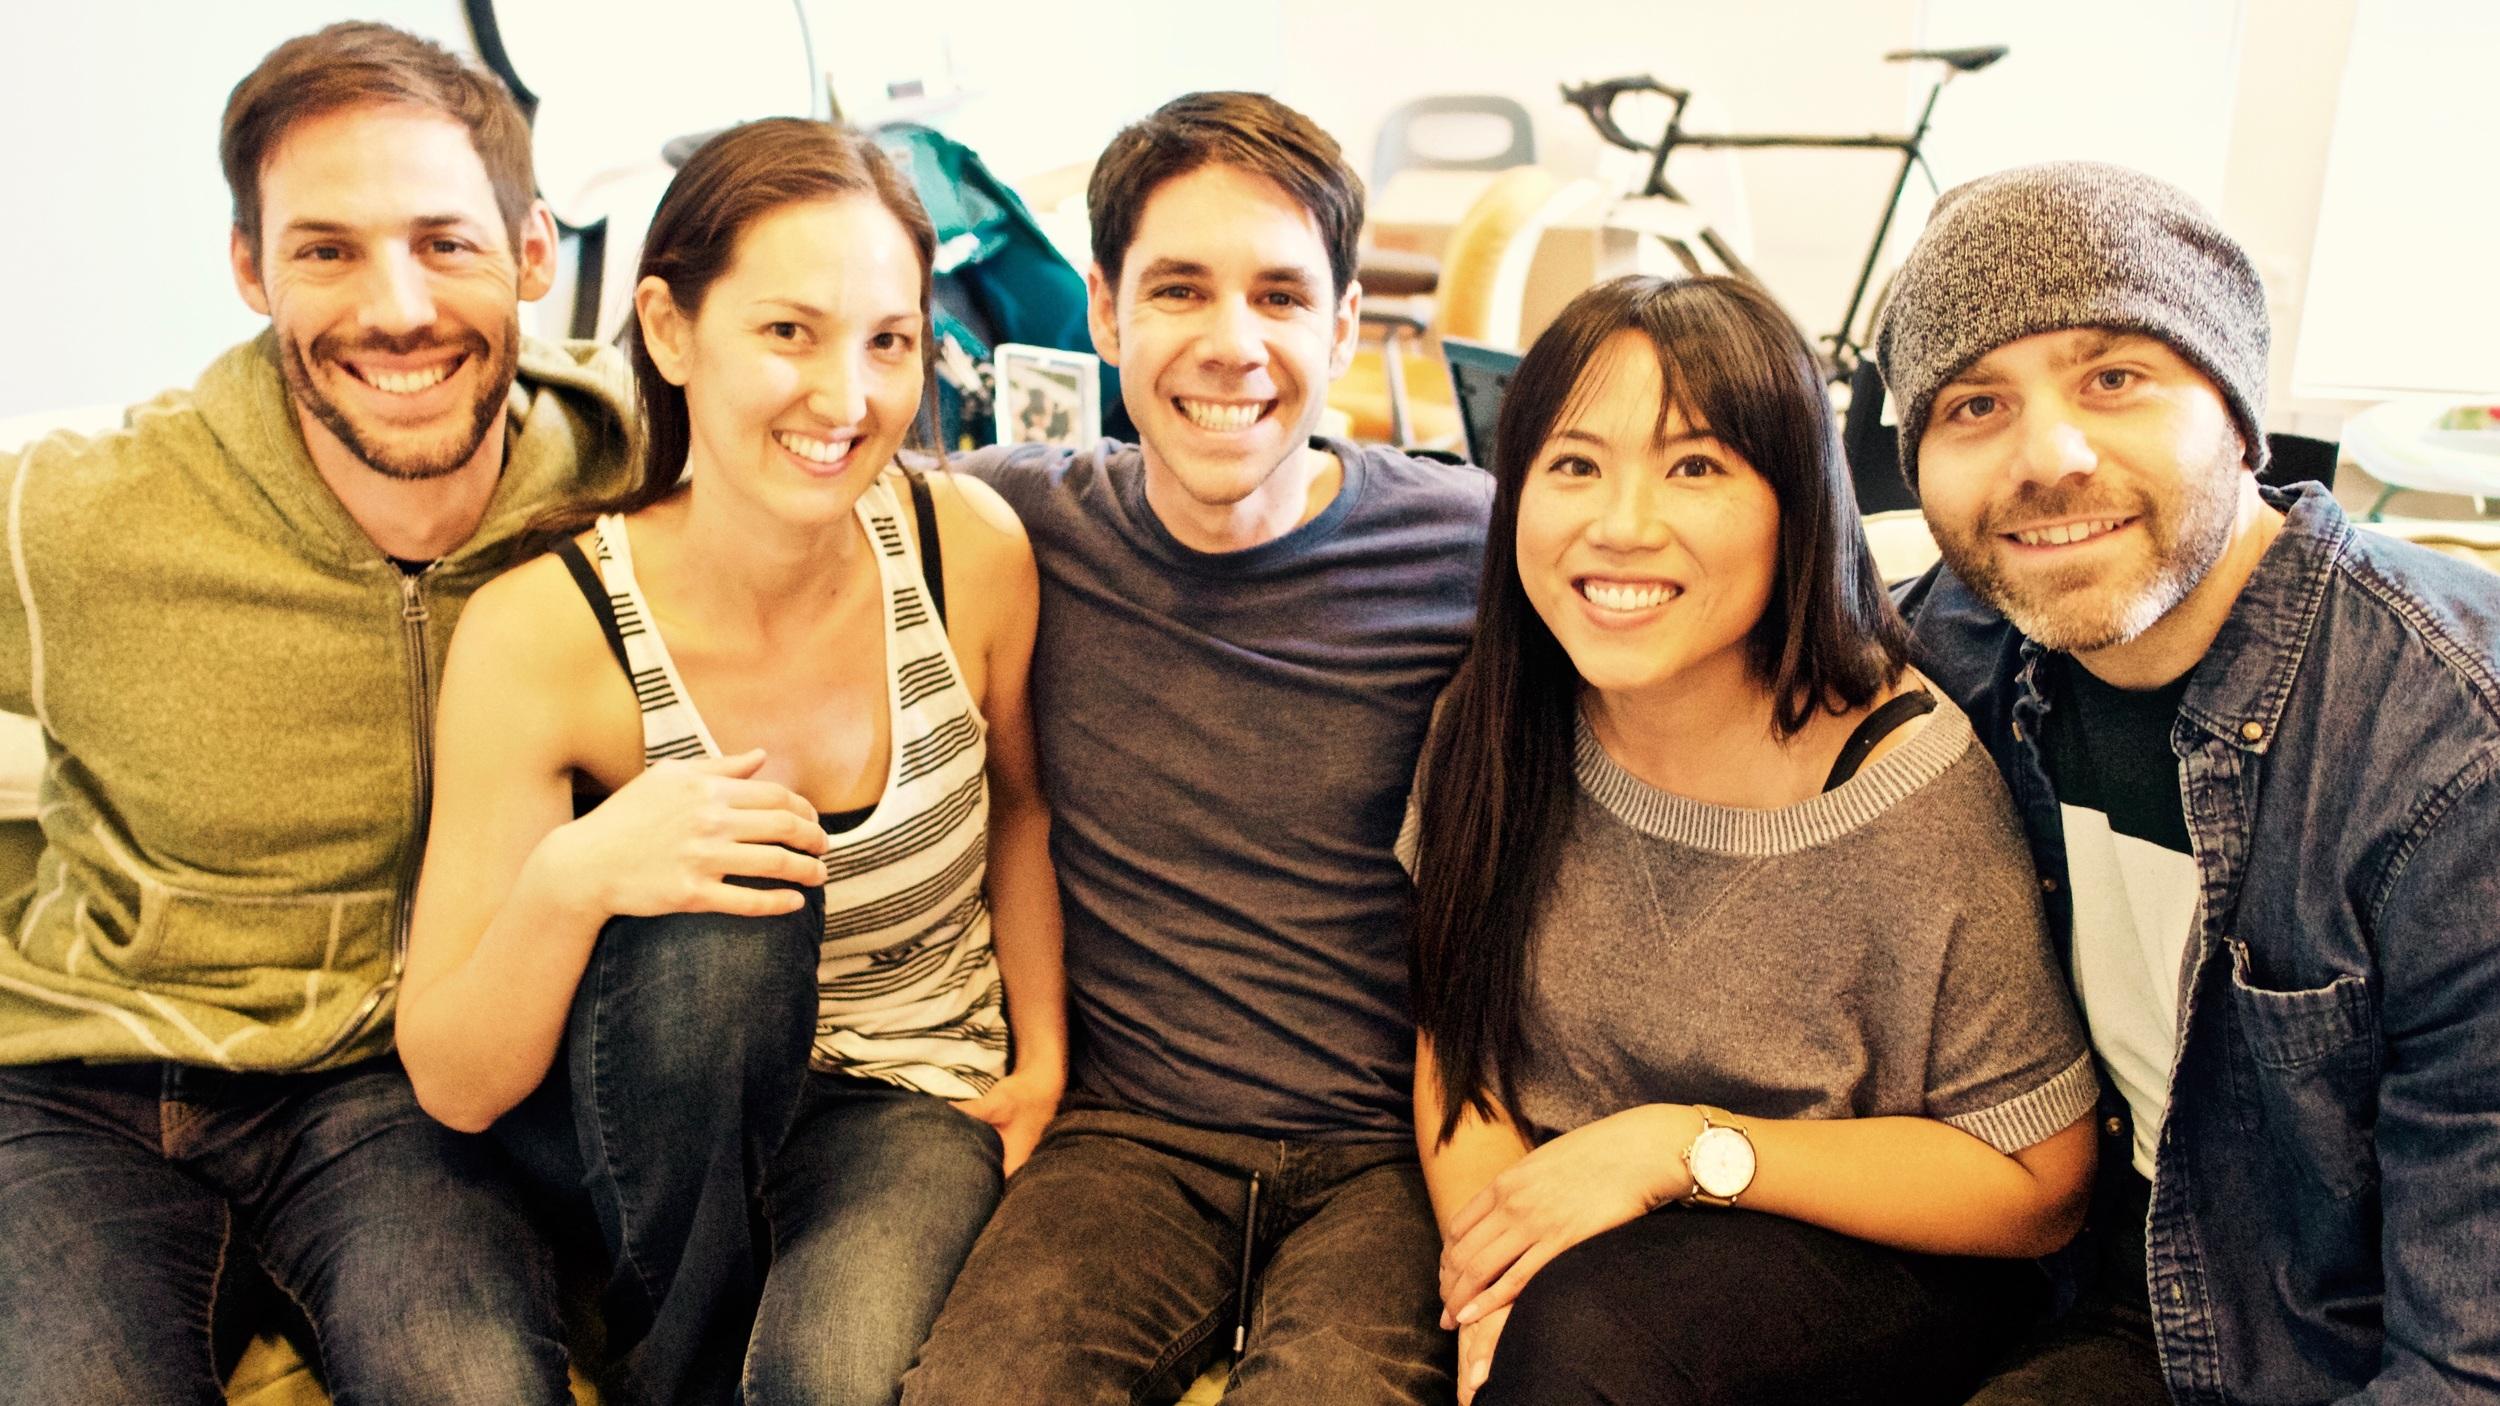 Producer meeting: Noah, Maya, Gabe, Bobbie, Alon